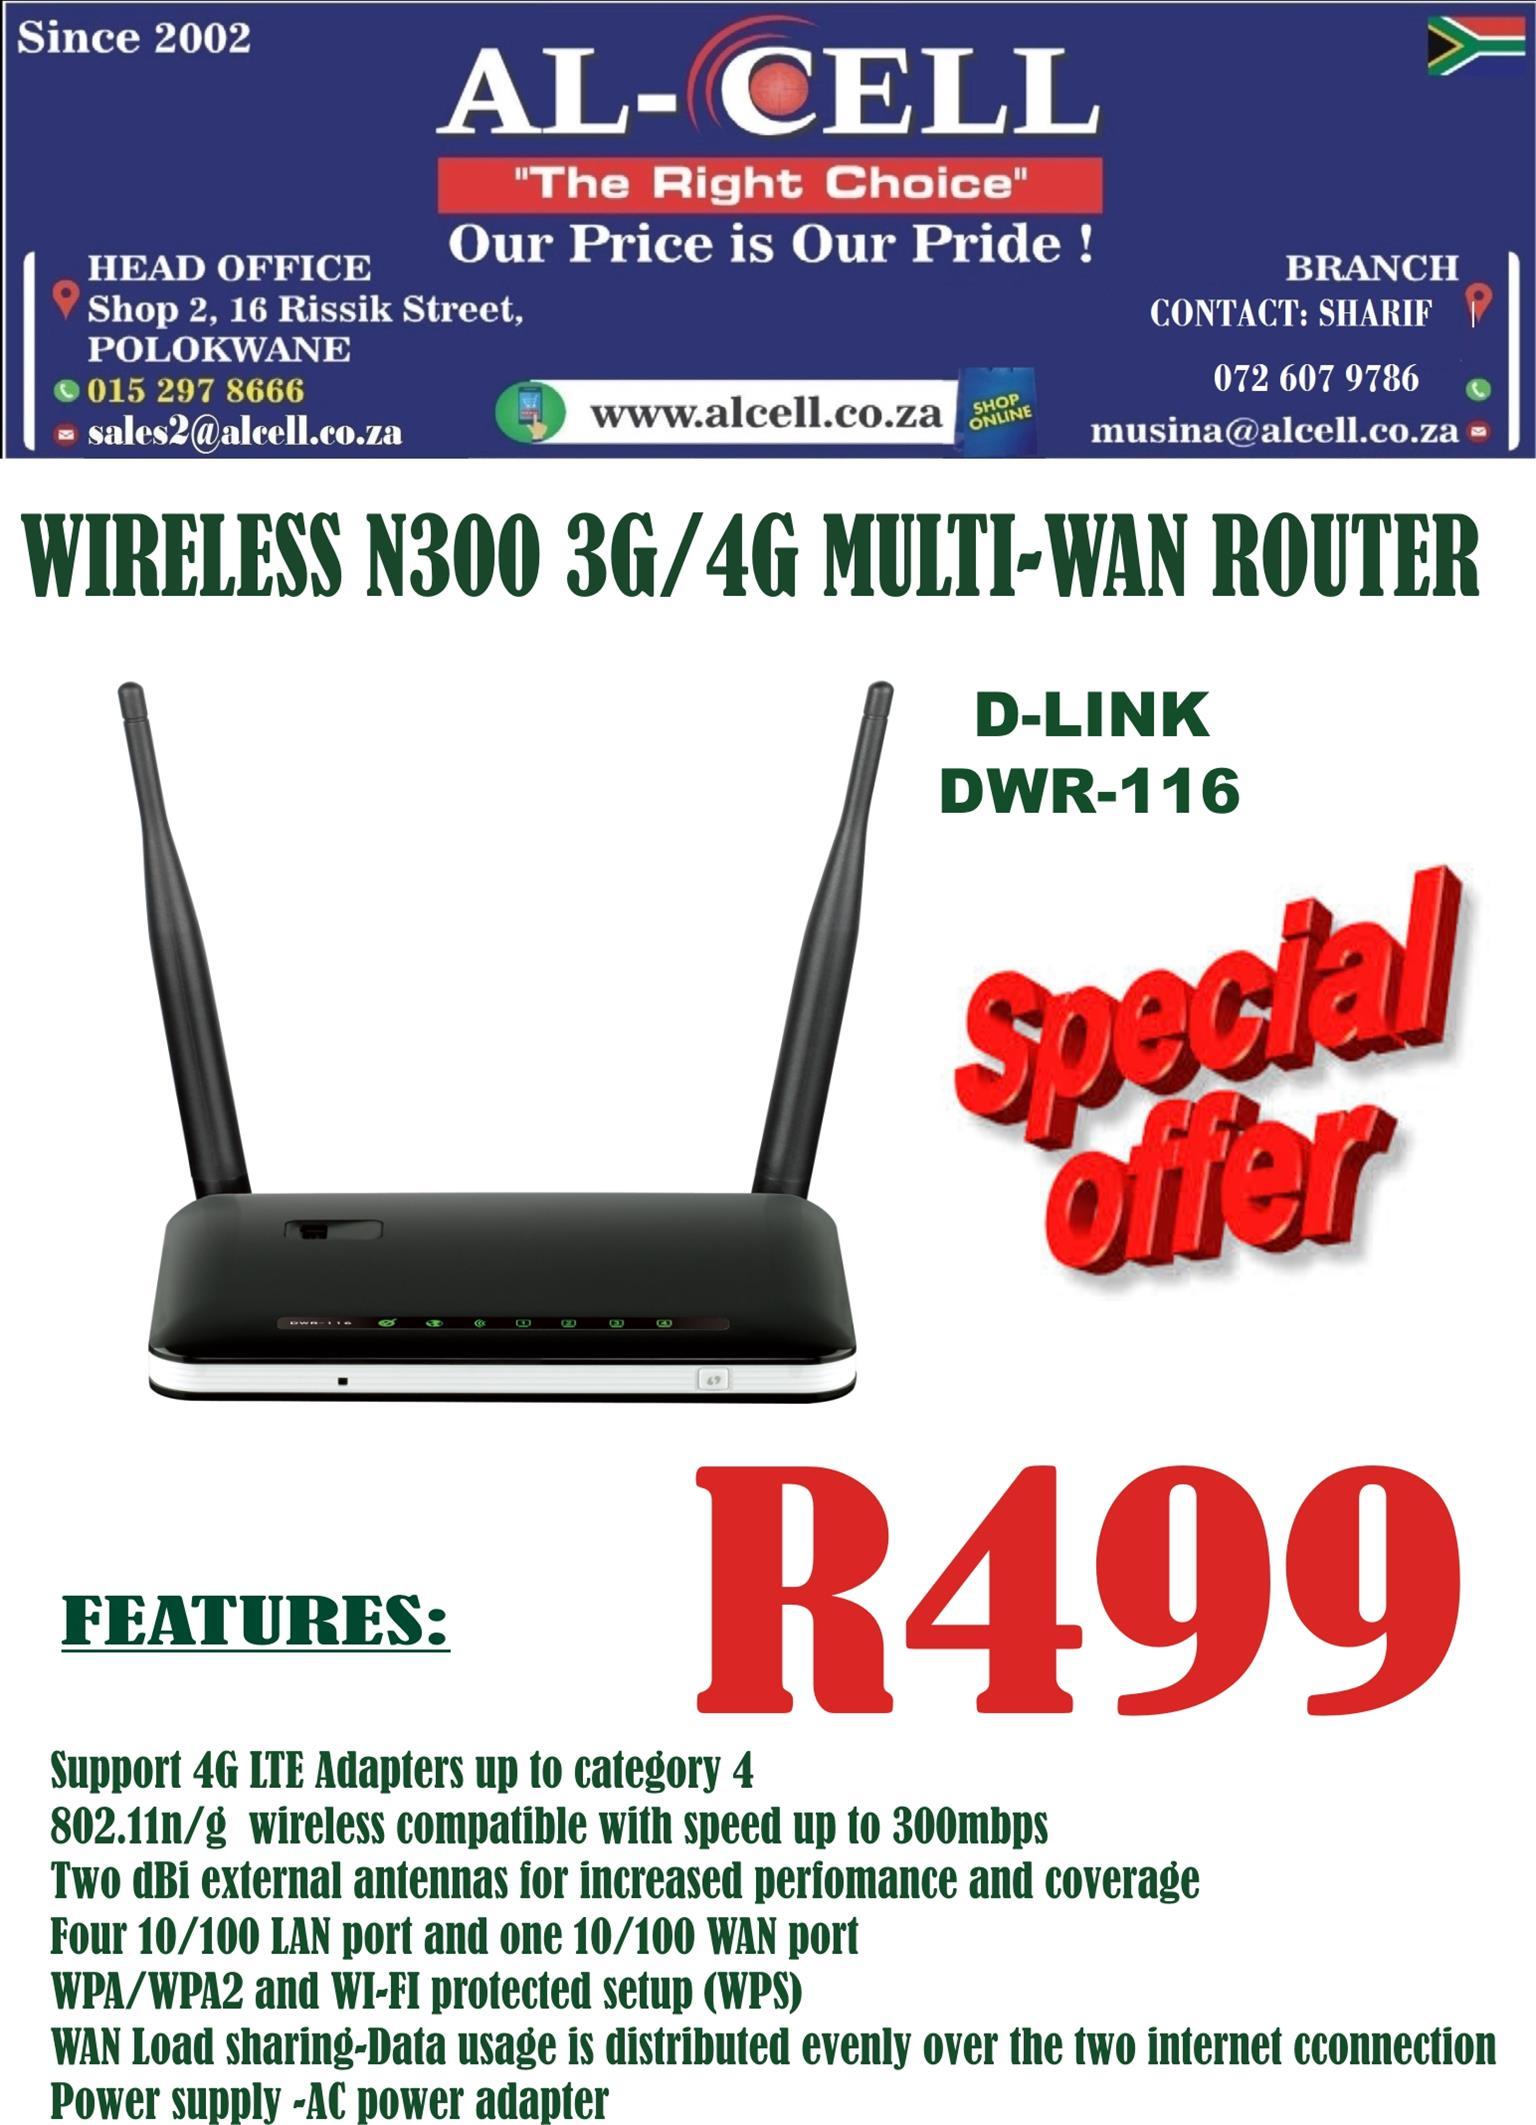 D-LINK Wireless N300 3G/4G Multi-Wan Router